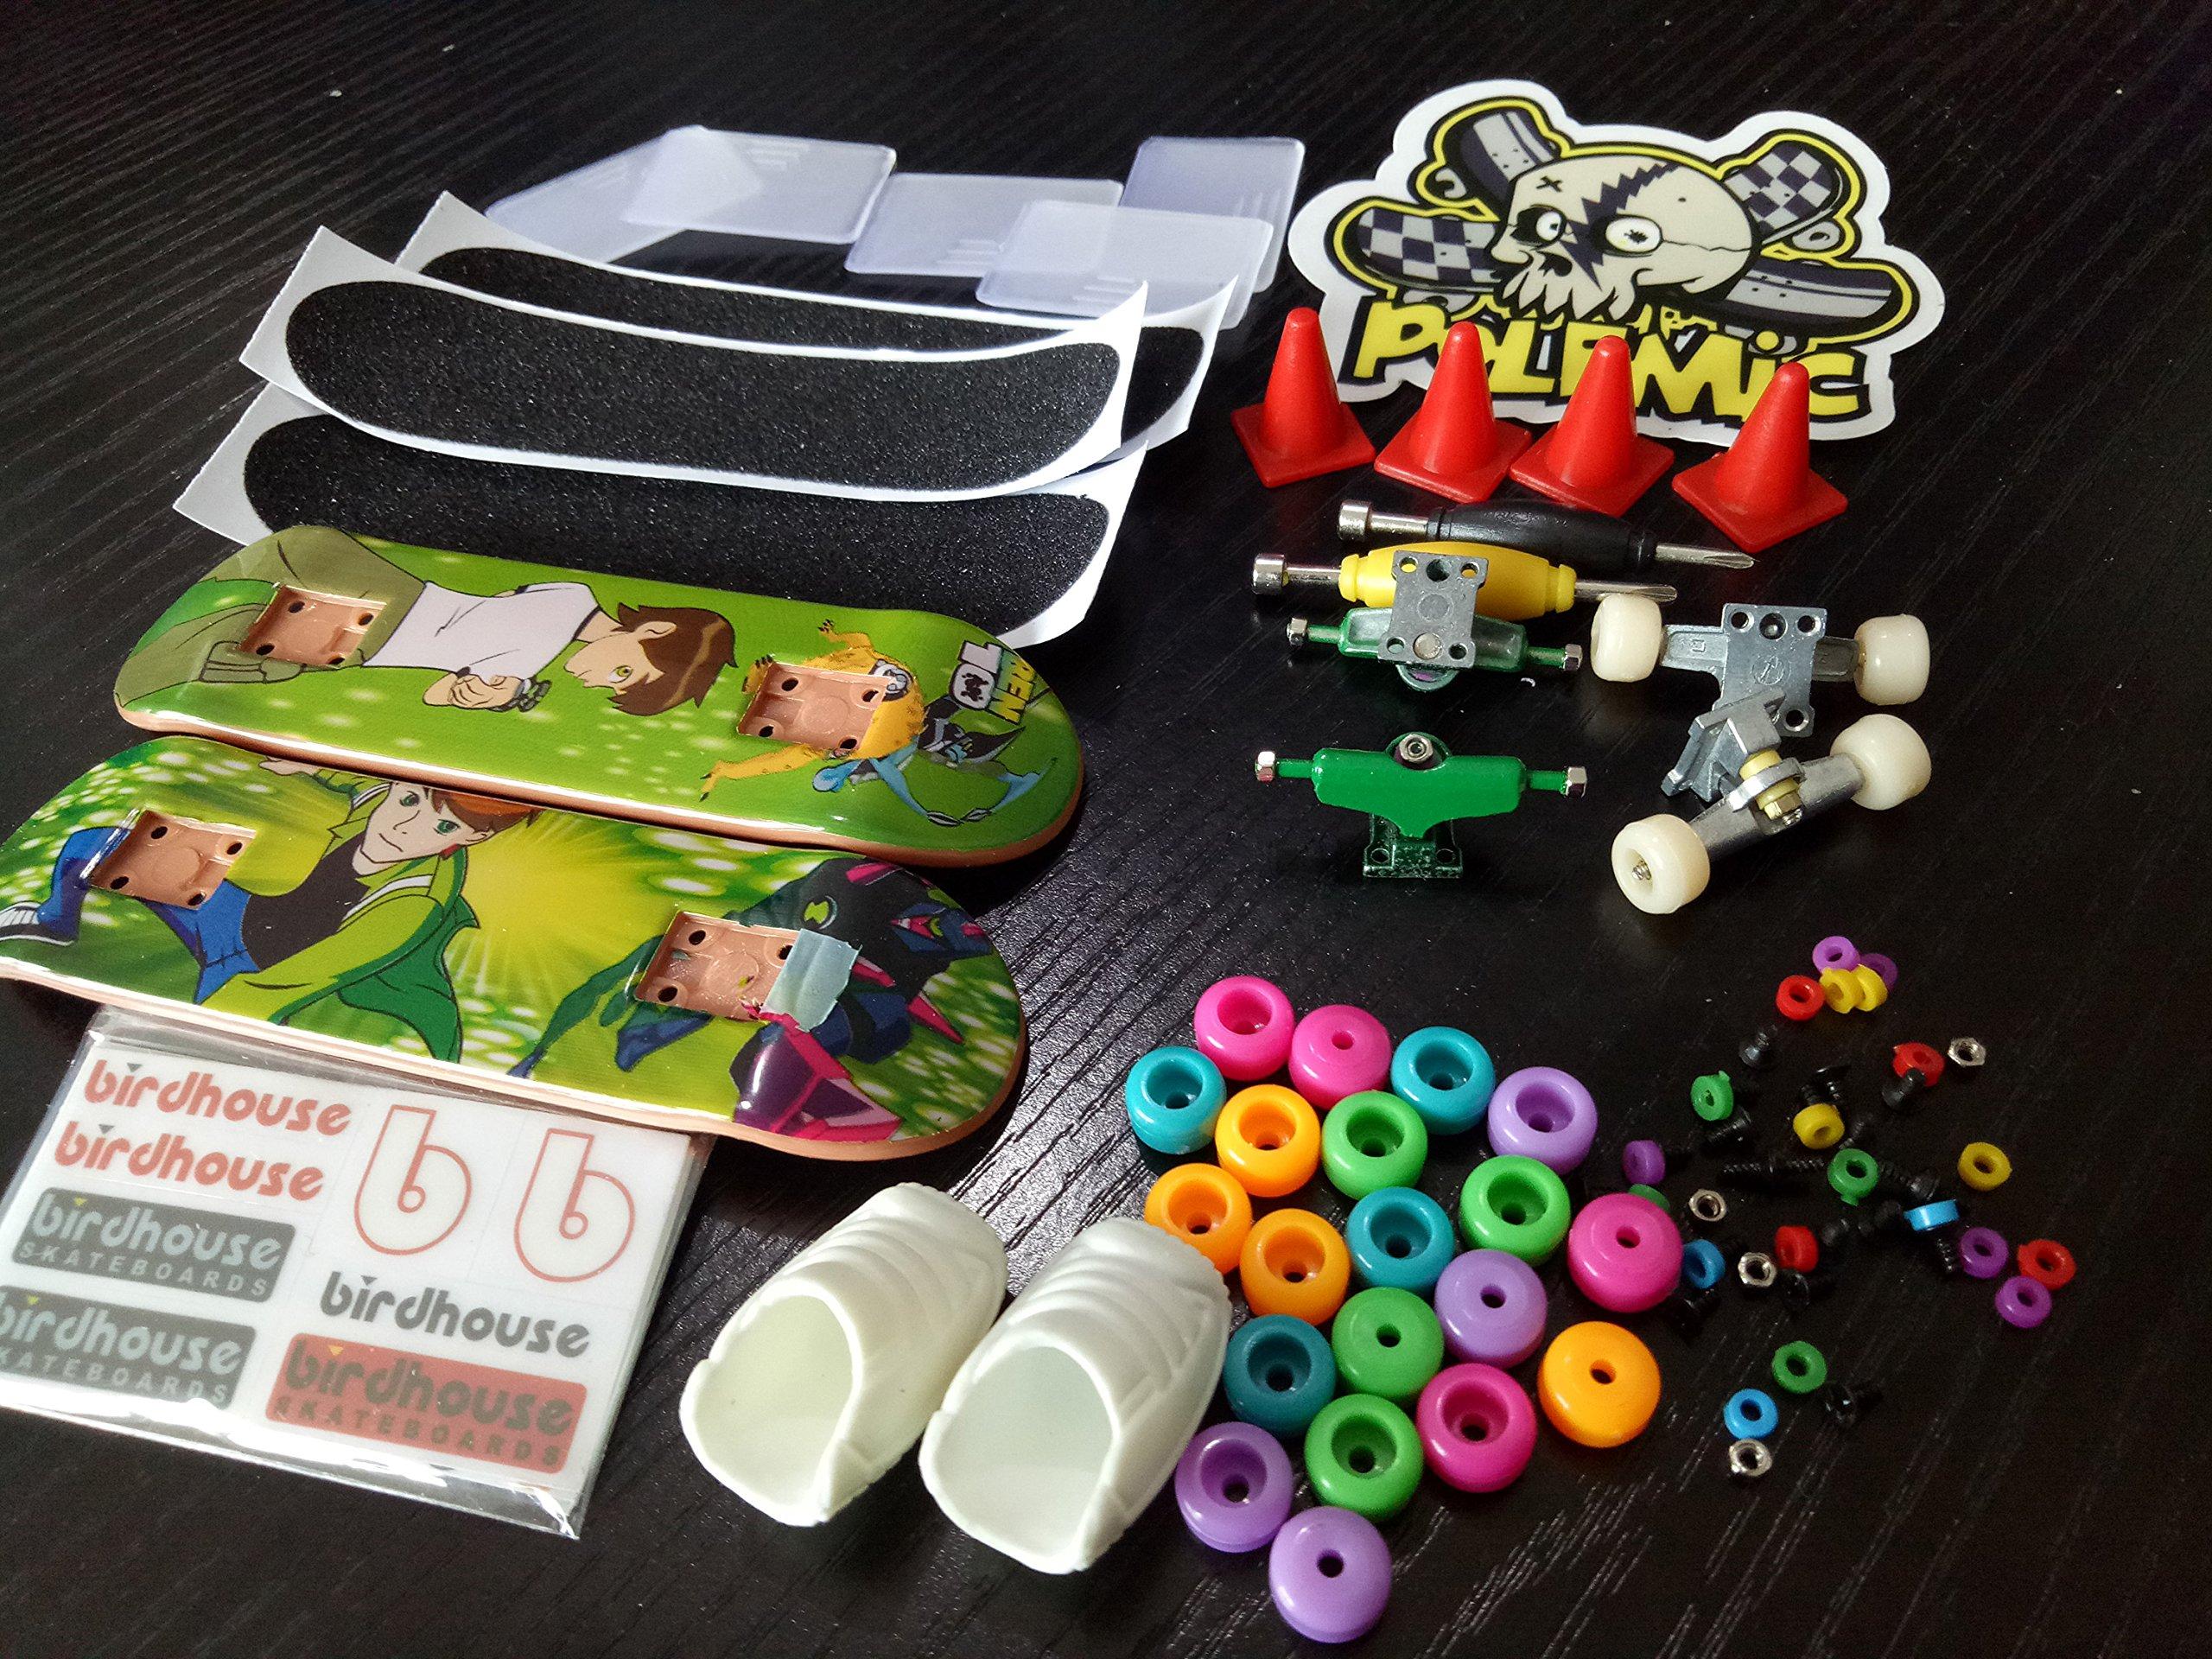 Fanci ABS Finger Skateboard Set Double Rocker DIY Mini Finger Boarding Toy with Storage Box by Fanci (Image #5)